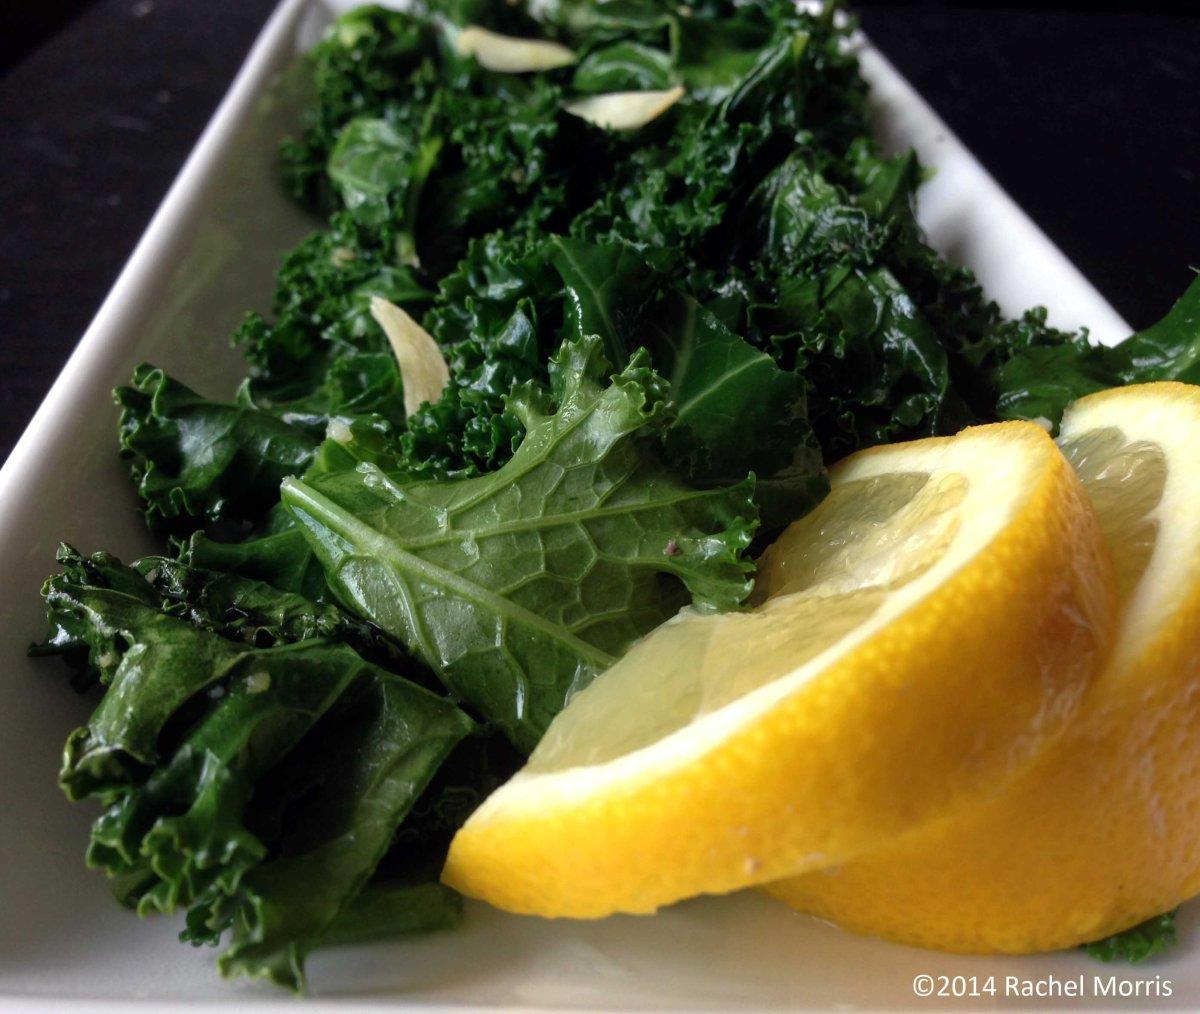 Lemon Garlic Kale